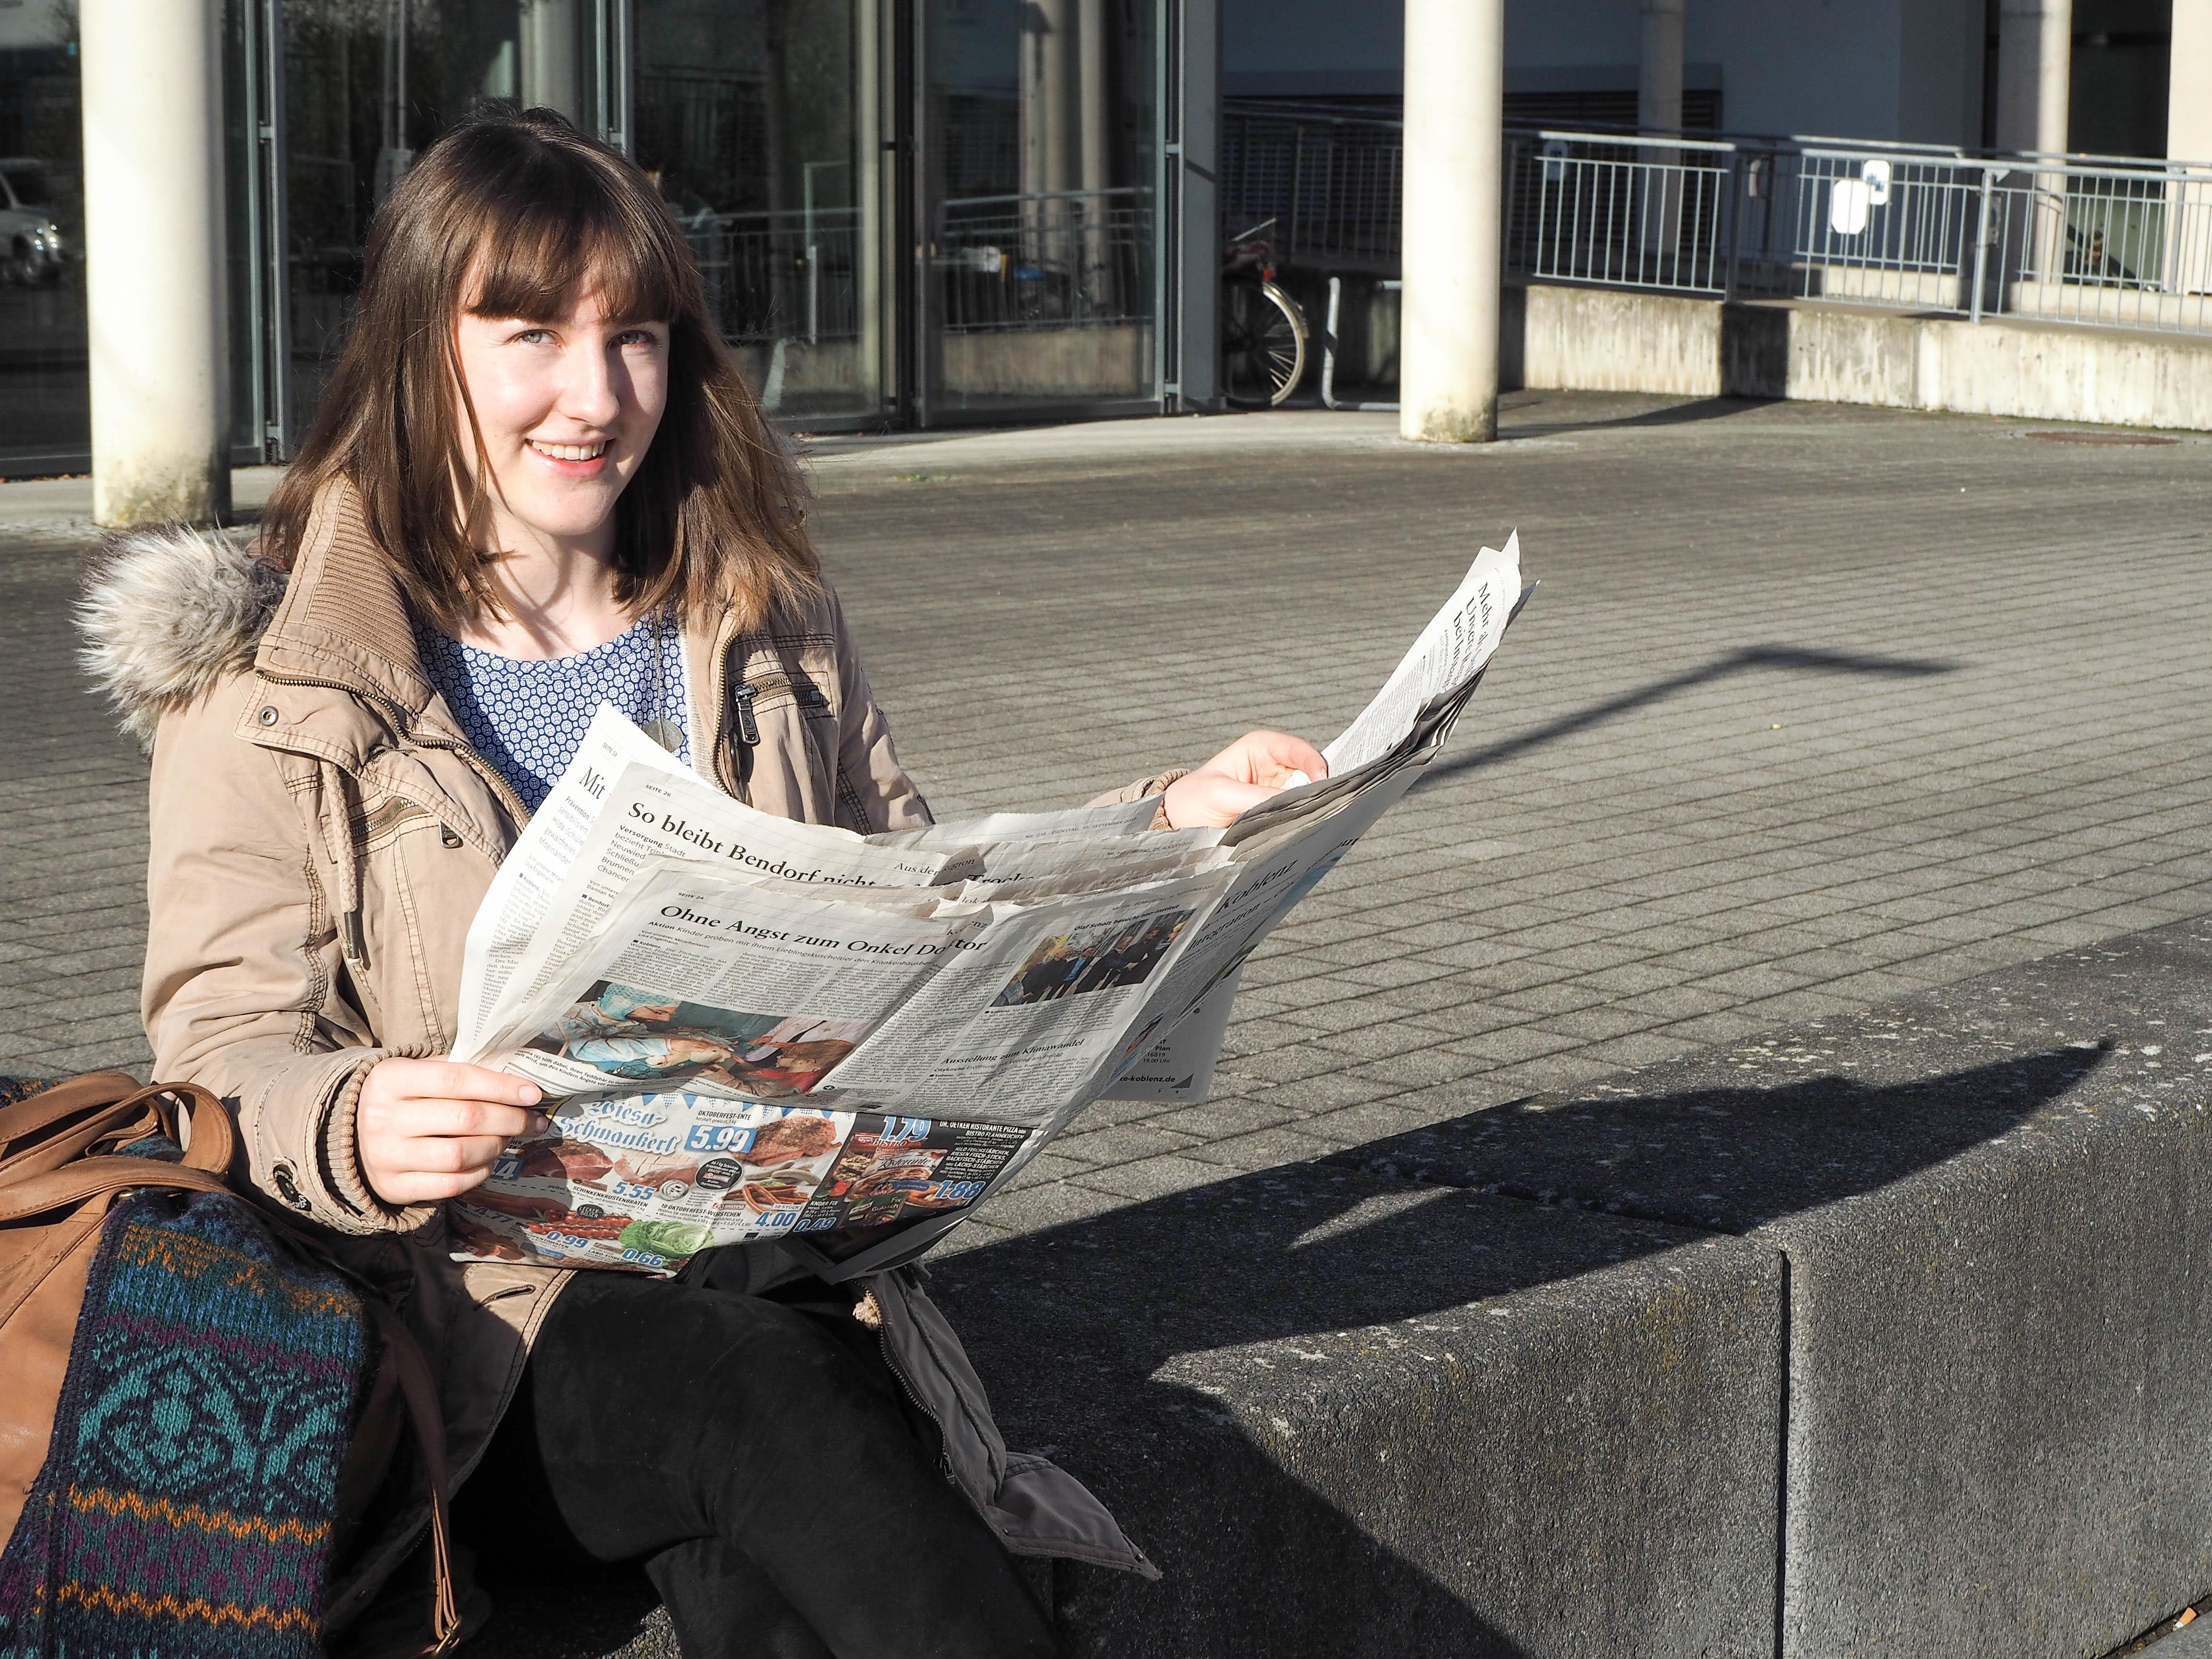 Kulturwissenschaftsstudentin Lisa Engemann hat ein Praktikum bei der Rhein-Zeitung in Koblenz gemacht und den turbulenten Redaktionsalltag genossen. Foto: René Lang